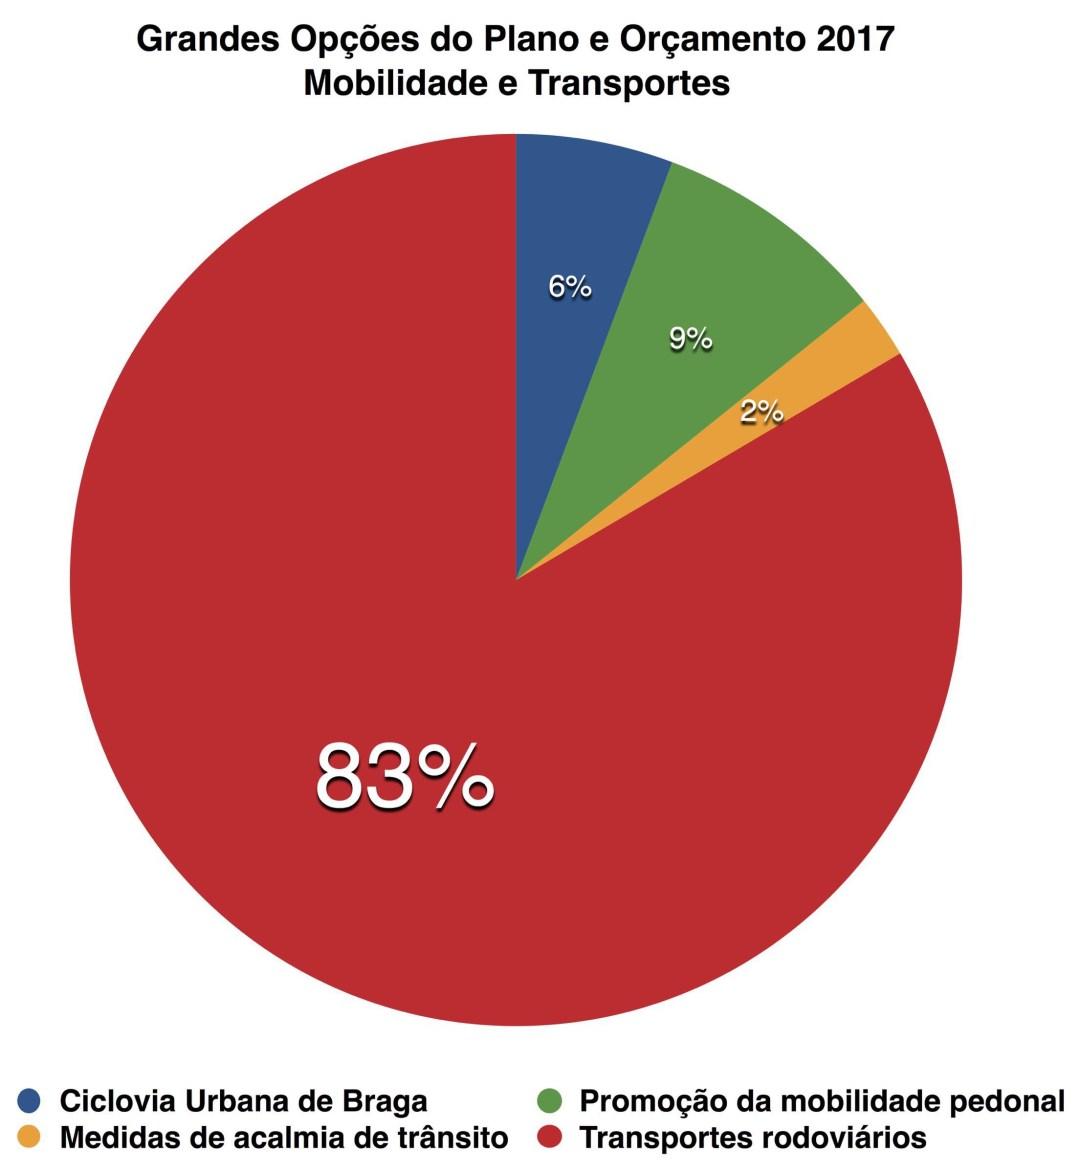 Grandes opções do orçamento municipal de Braga para 2017 nas áreas de transportes e Mobilidade